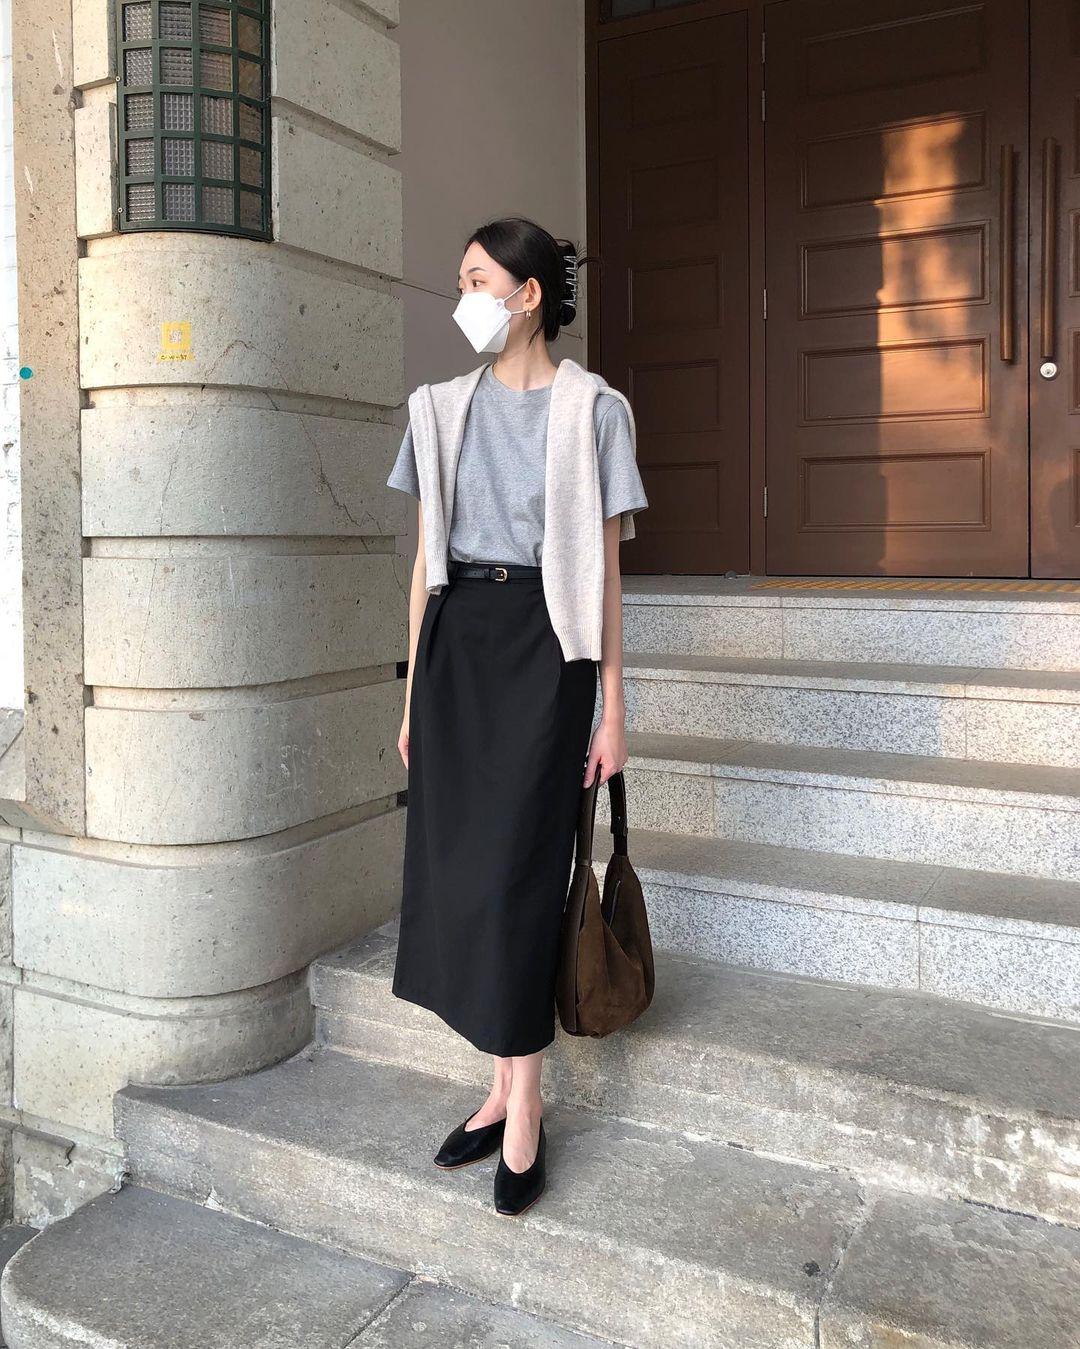 Nàng blogger Hàn có biệt tài diện toàn đồ đơn giản mà ai cũng muốn copy theo, diện đi làm hay đi chơi cũng ổn - Ảnh 4.